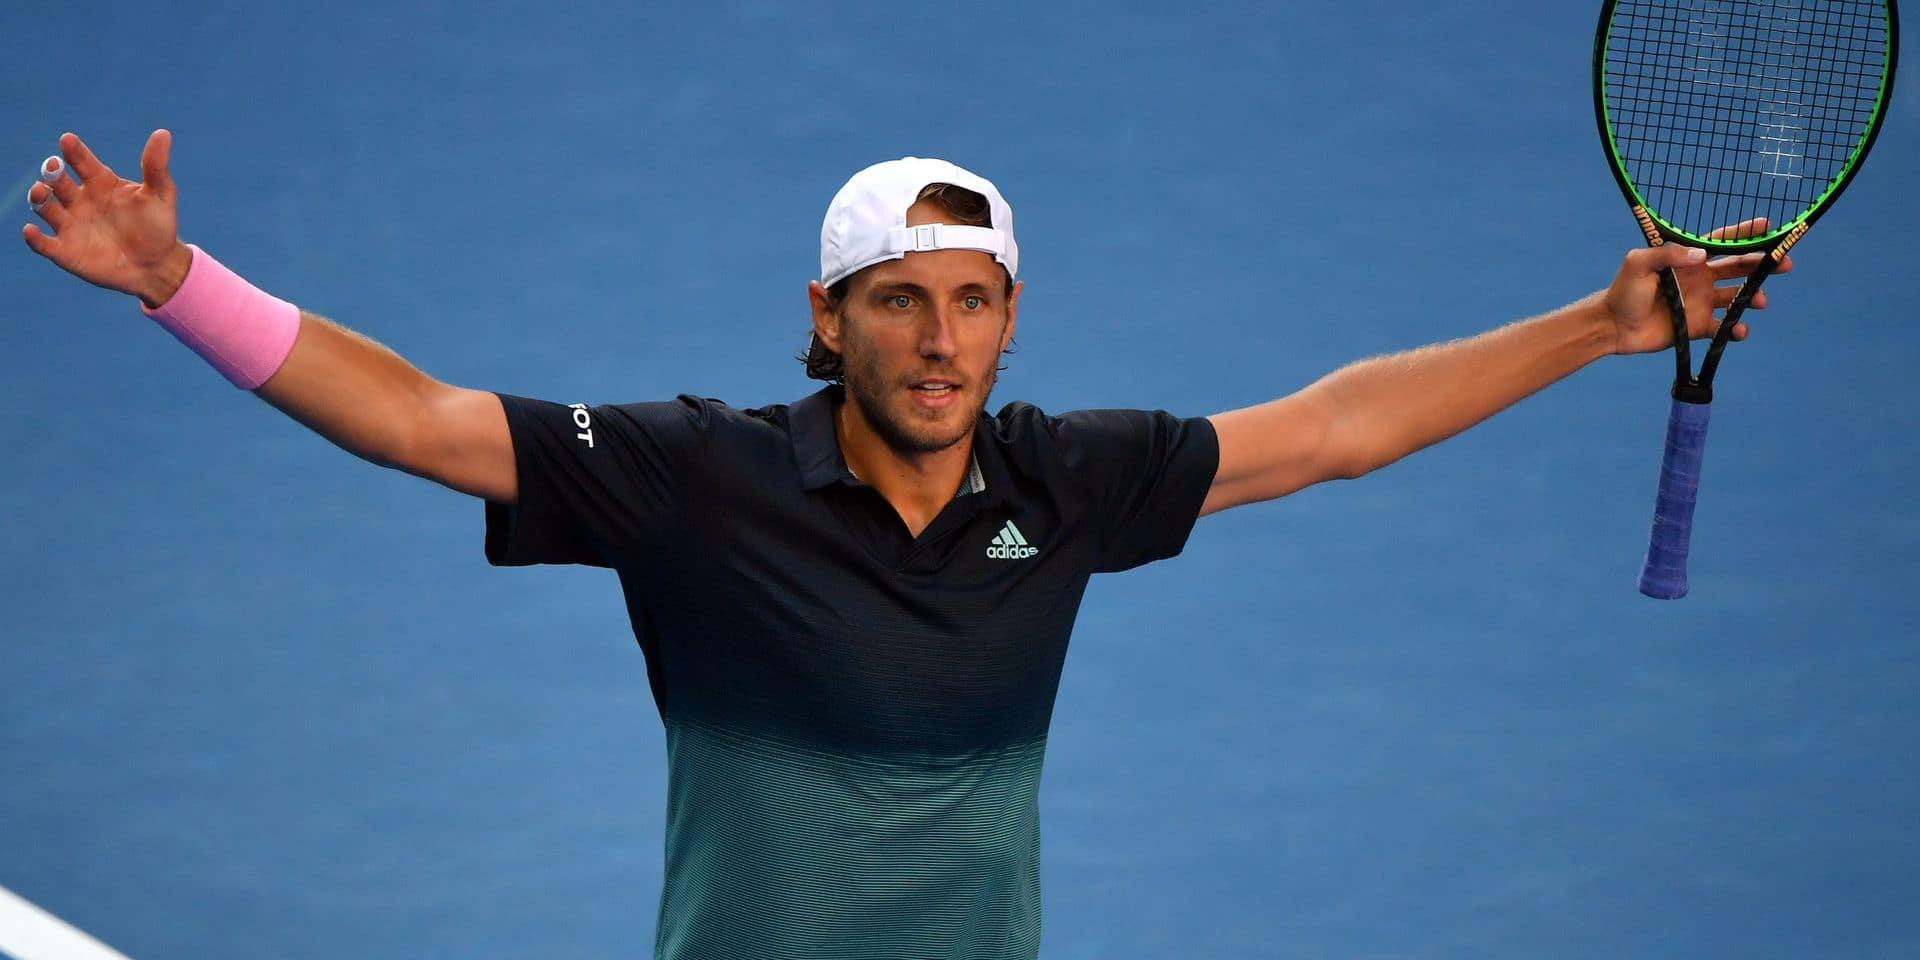 L'exploit de Lucas Pouille à l'Open d'Australie: il s'offre une première demi-finale en Grand Chelem!